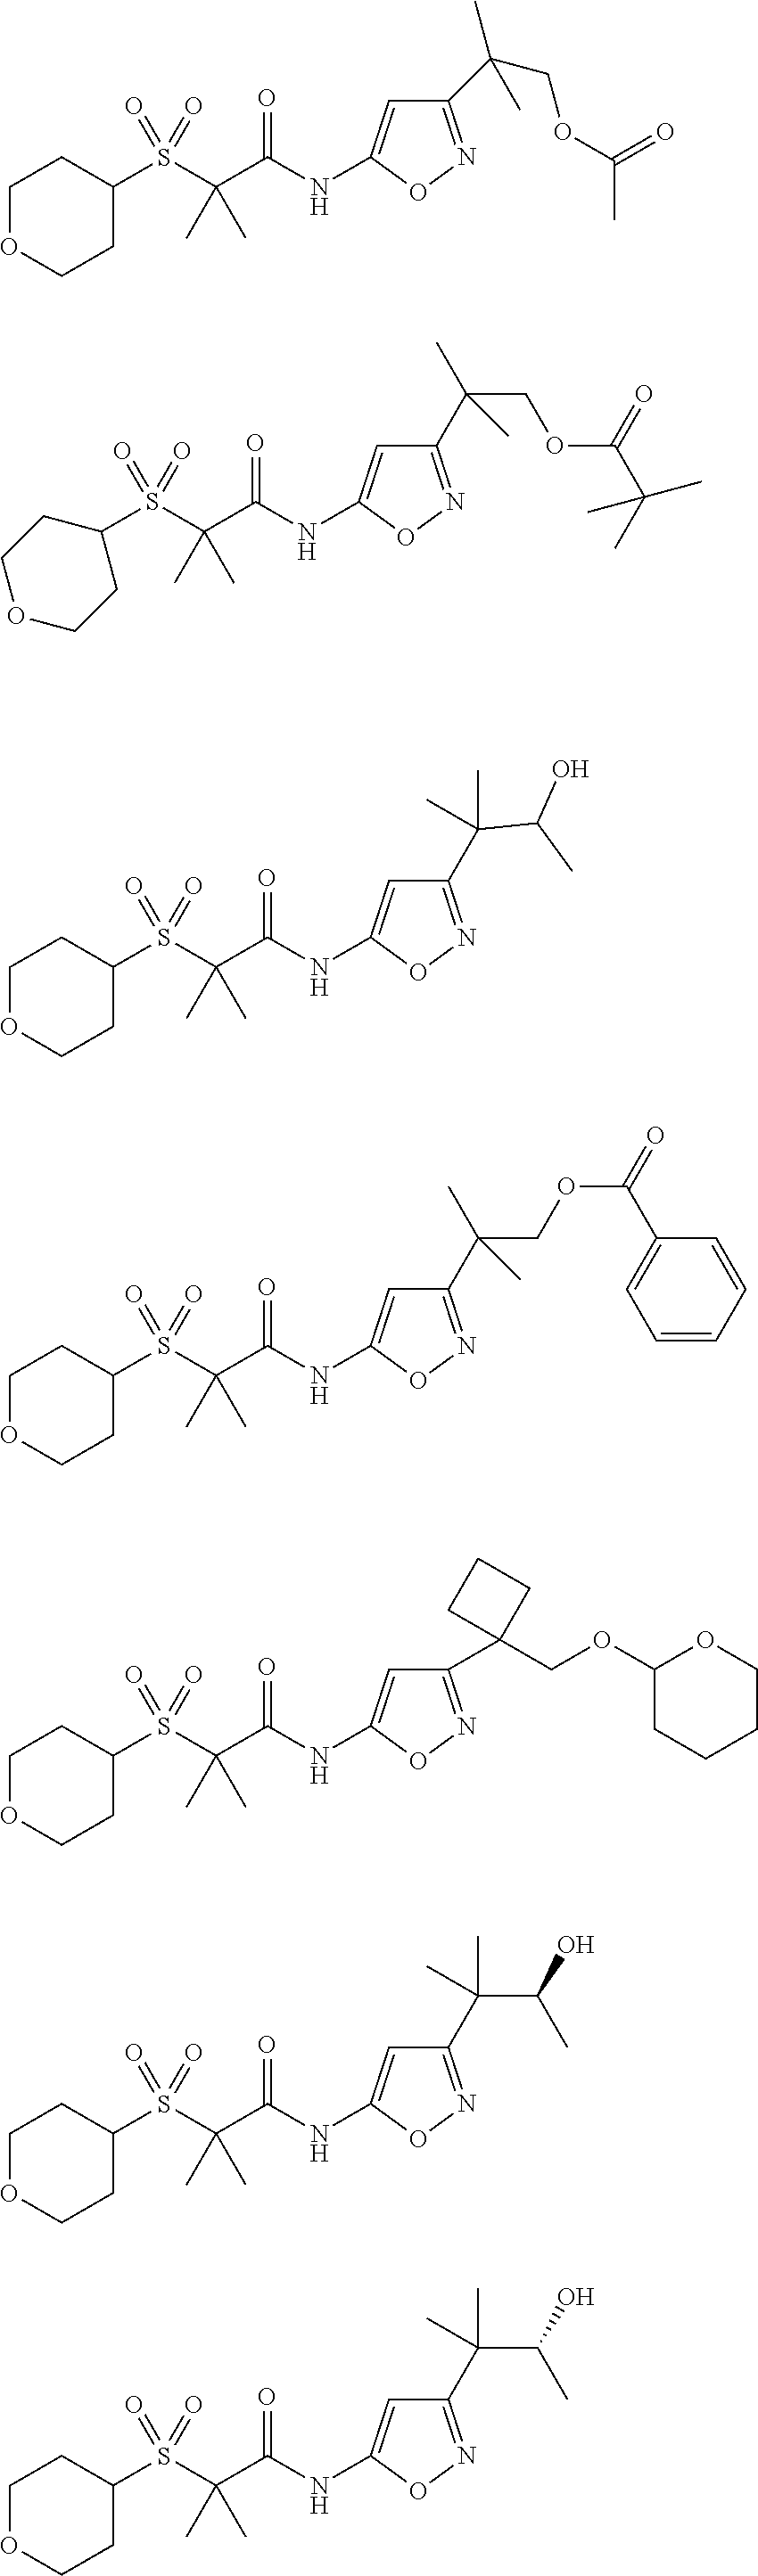 Figure US08372874-20130212-C00467